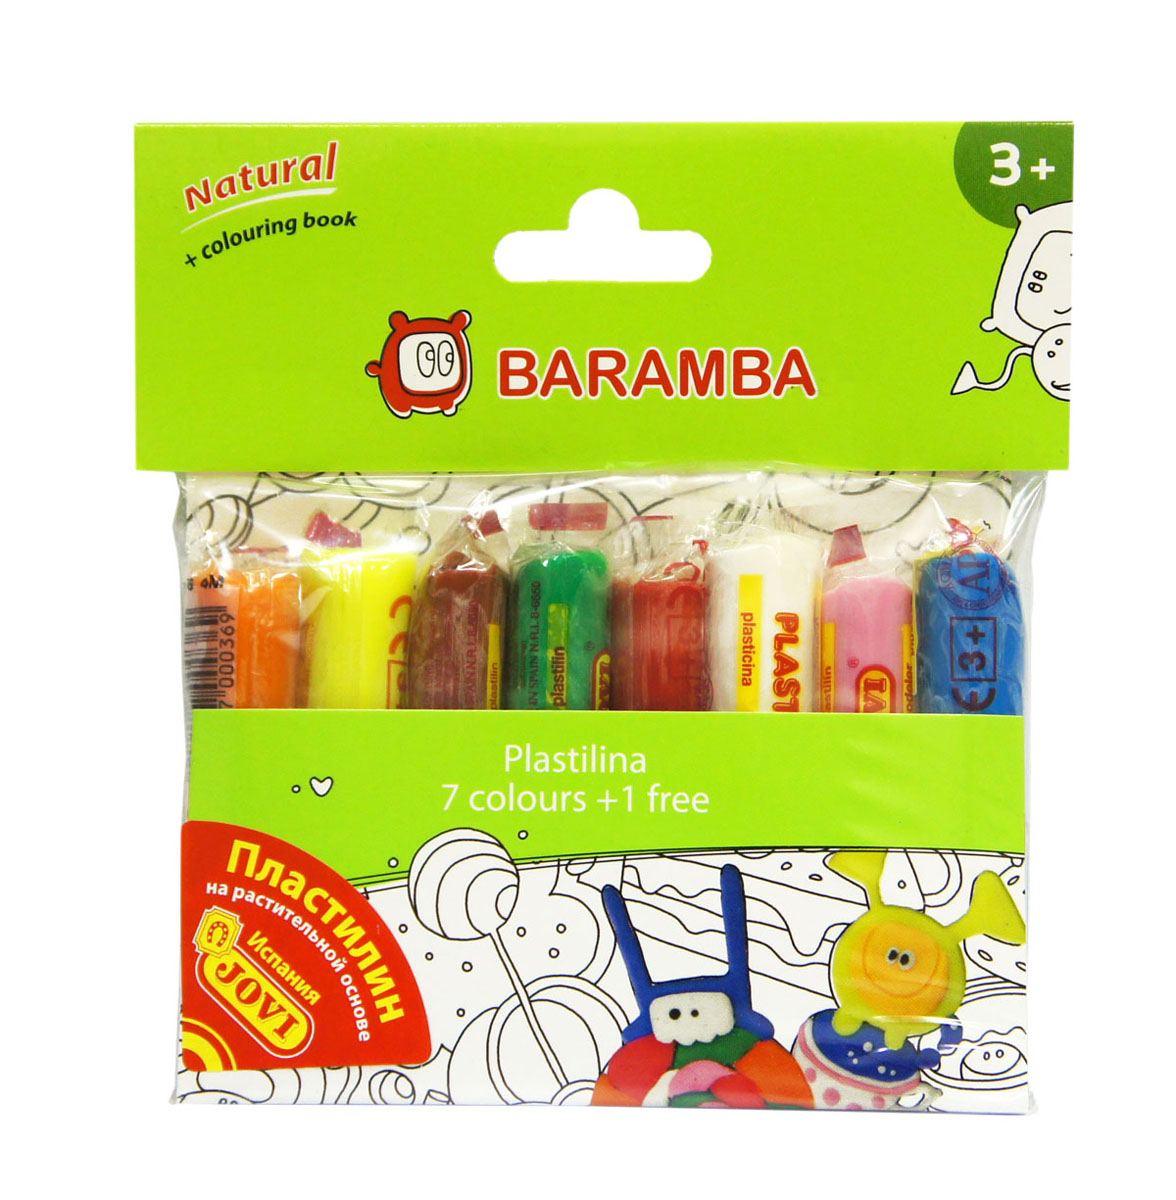 Пластилин Baramba Jovi, флуоресцентный, 7 цветов57-4438Пластилин Baramba Jovi - лучший выбор для лепки, он обладает превосходными изобразительными возможностями и поэтому дает простор воображению и самым смелым творческим замыслам. Пластилин, изготовленный на растительной основе, очень мягкий, легко разминается и смешивается, не пачкает руки и не прилипает к рабочей поверхности. Пластилин пригоден для создания аппликаций и поделок, ручной лепки, моделирования на каркасе, пластилиновой живописи - рисовании пластилином по бумаге, картону, дереву или текстилю. Благодаря удобной форме, брусочки пластилина очень удобно держать в руках.В набор входят 7 цветов: ярко-оранжевый, голубой, сиреневый, ярко-розовый, лимонный, розовый, зеленый.